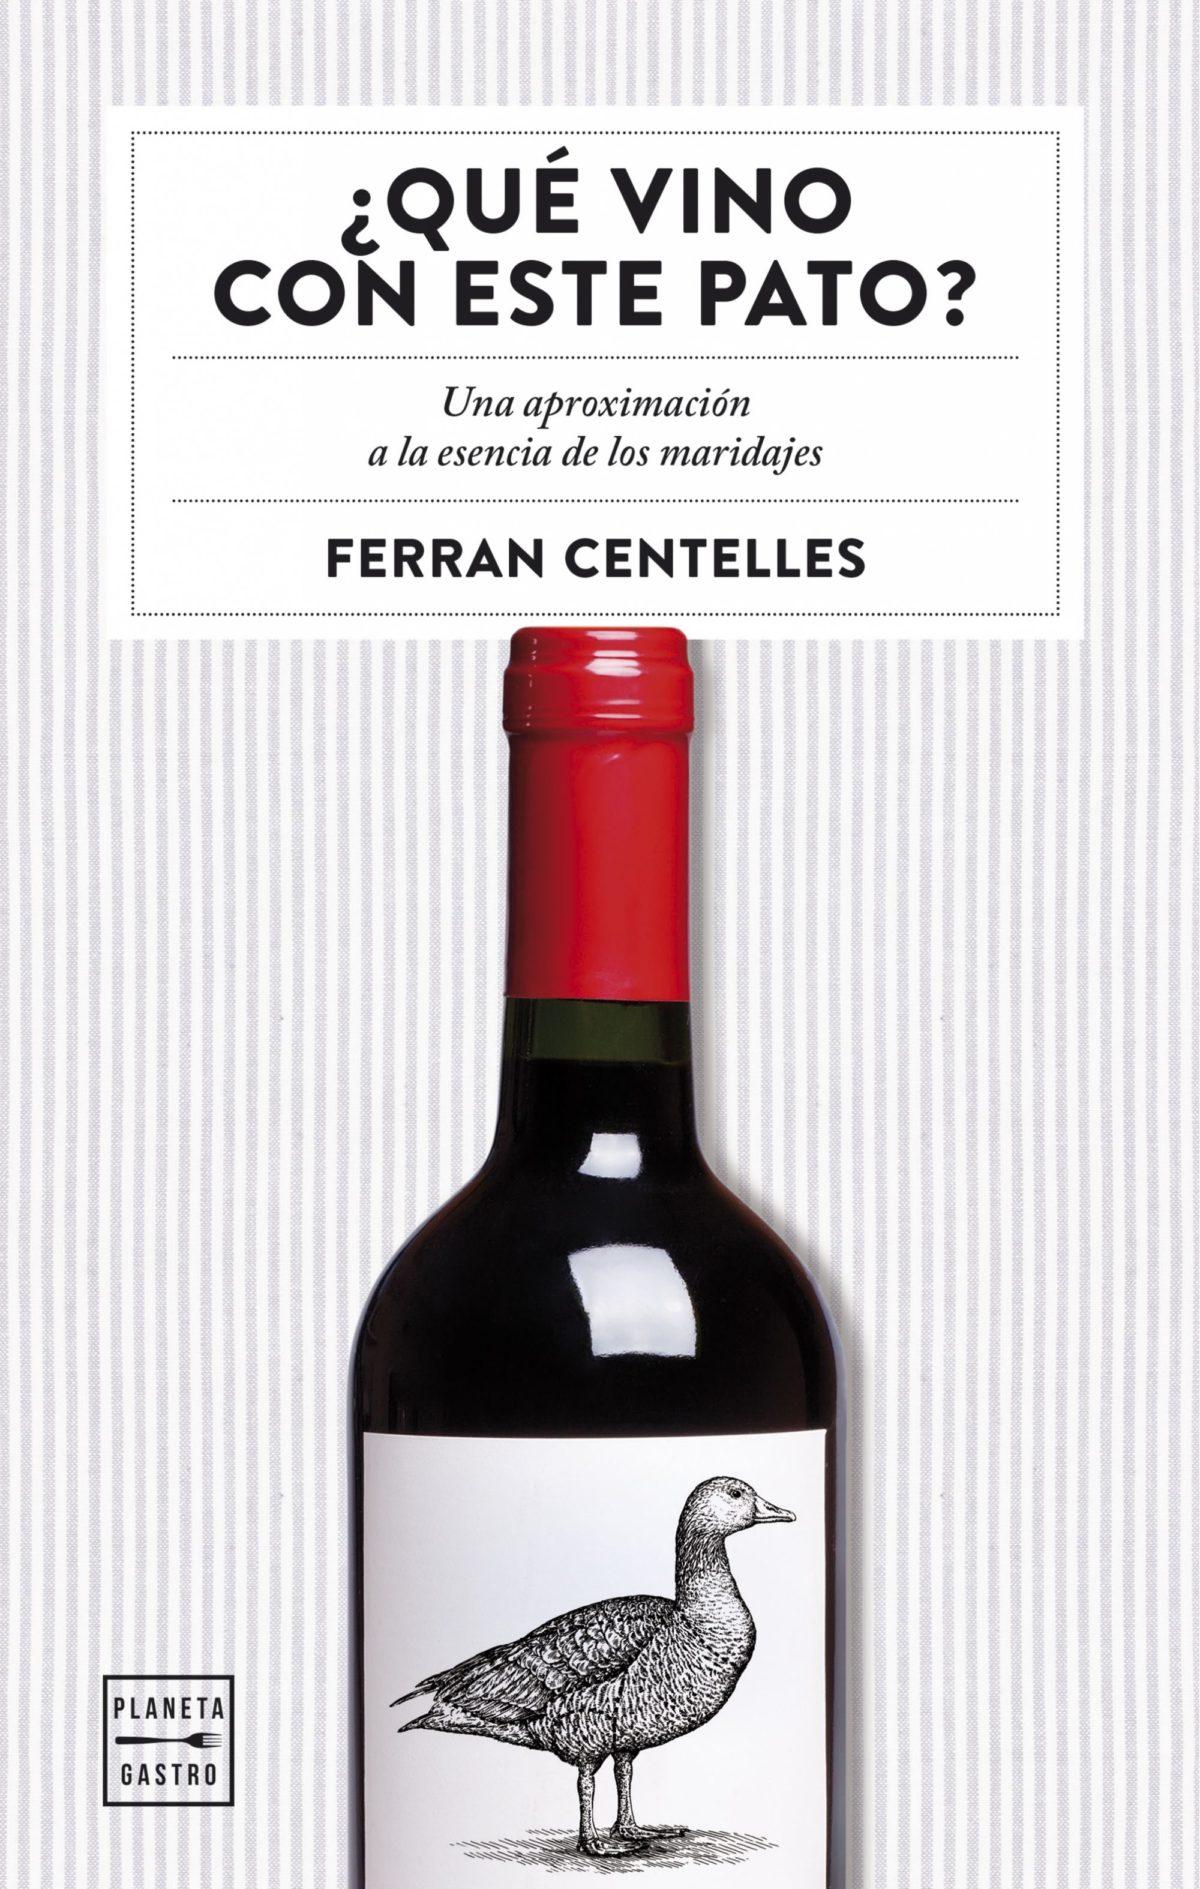 Aprende a maridar con el reconocido sumiller Ferran Centelles